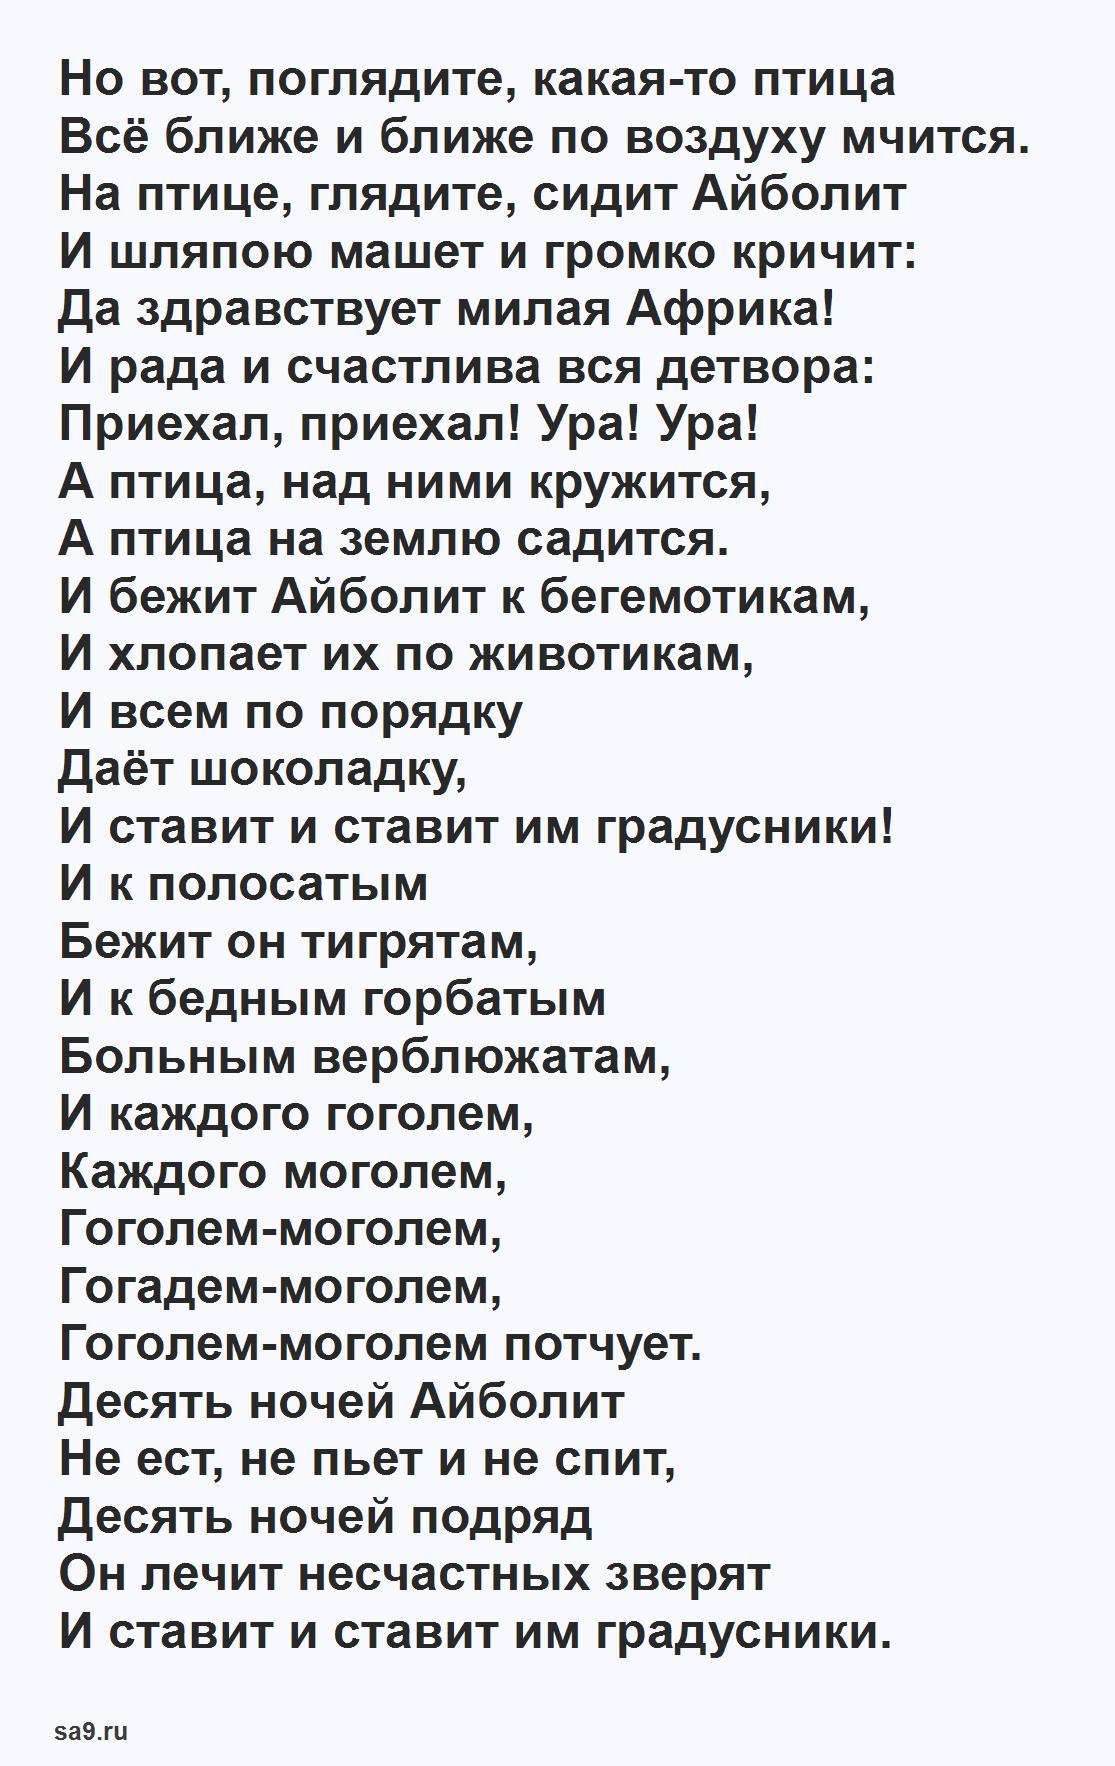 Сказка Чуковского 'Айболит'